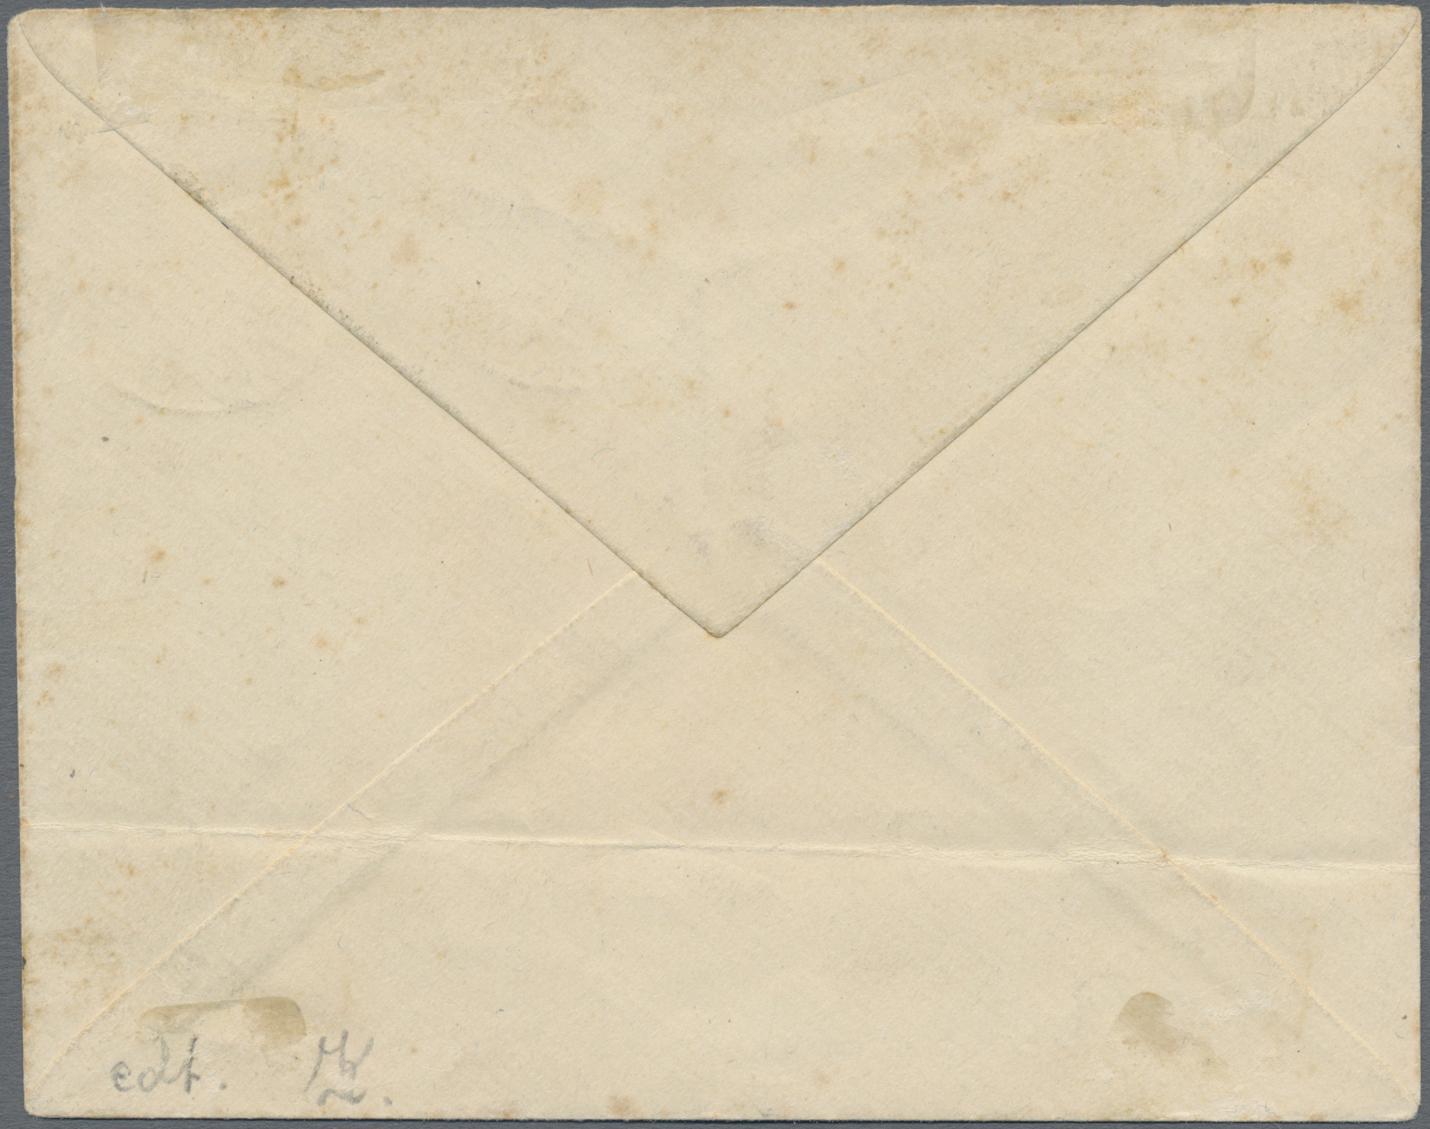 Lot 1352 - Deutsche Kolonien - Samoa - Britische Besetzung  -  Auktionshaus Edgar Mohrmann & Co. Internat. Briefmarken-Auktionen GmhH Auction #211